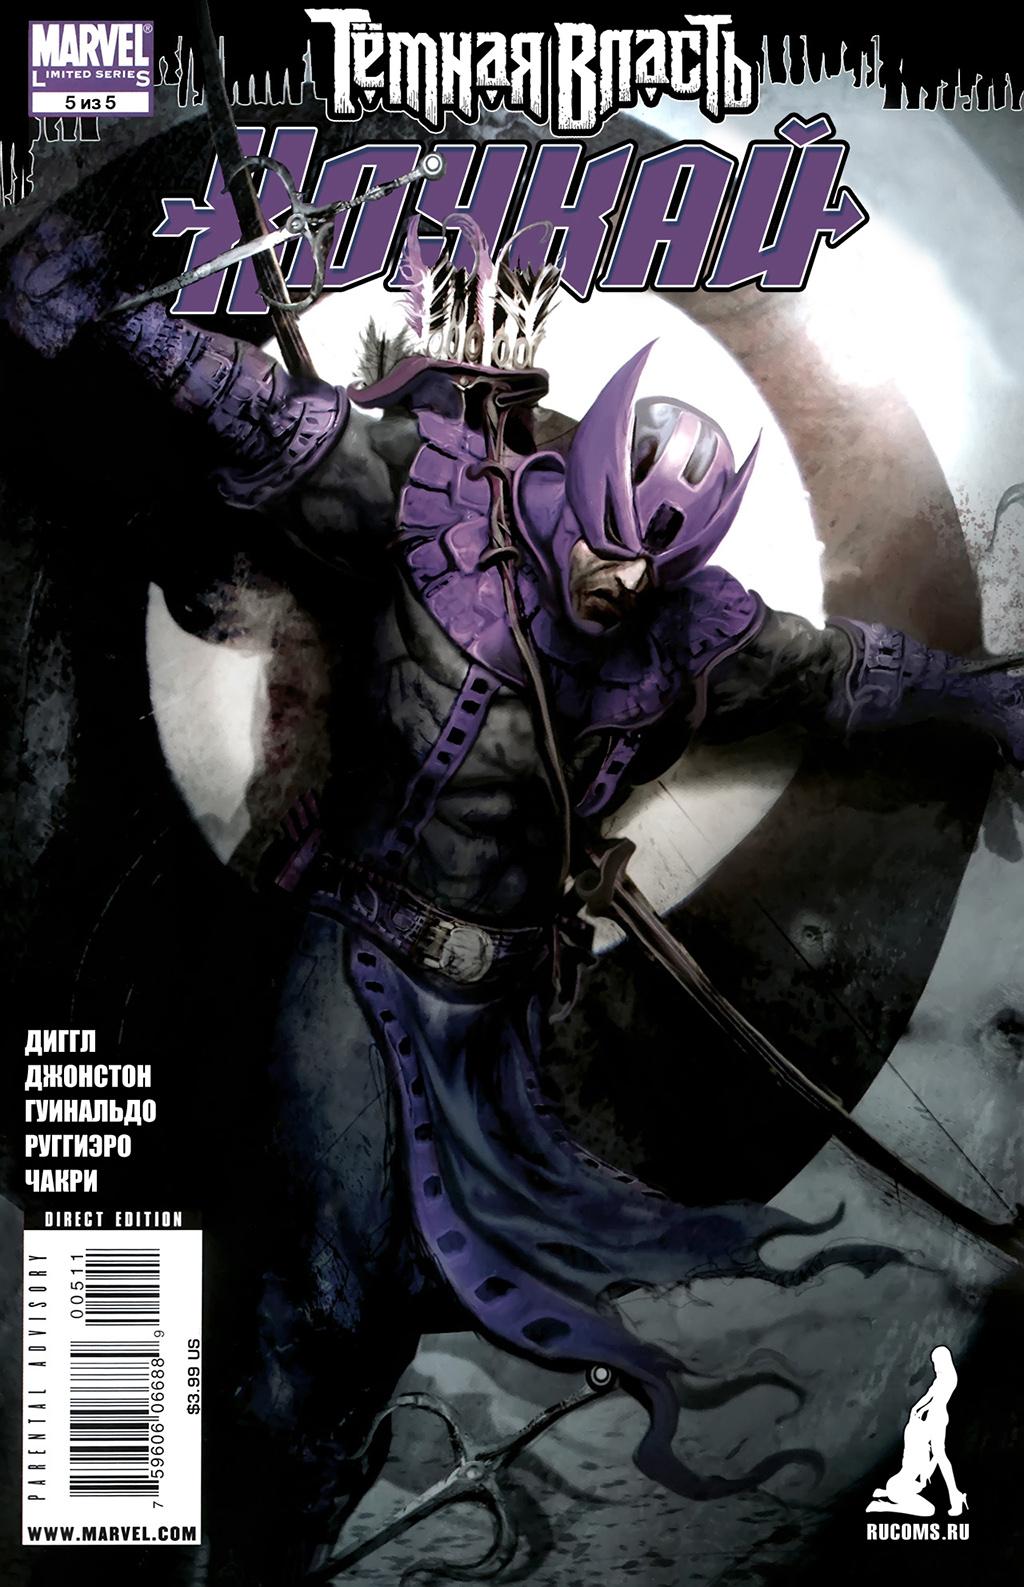 Комикс Темная Власть: Хоукай